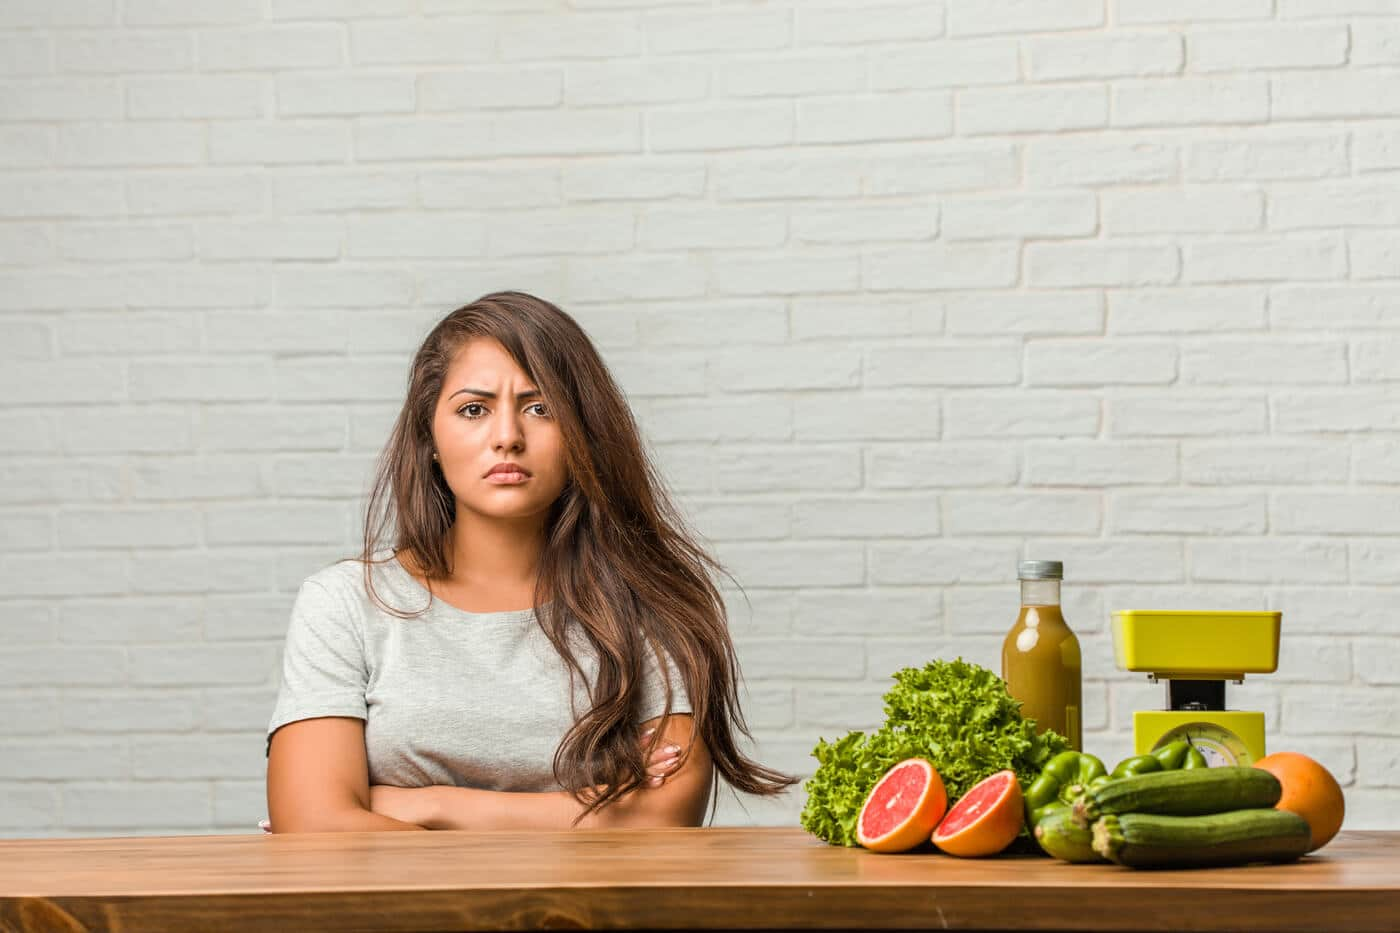 Польза Сыроедения Для Похудения. Сыроедение: с чего начать, меню на неделю для похудения с рецептами